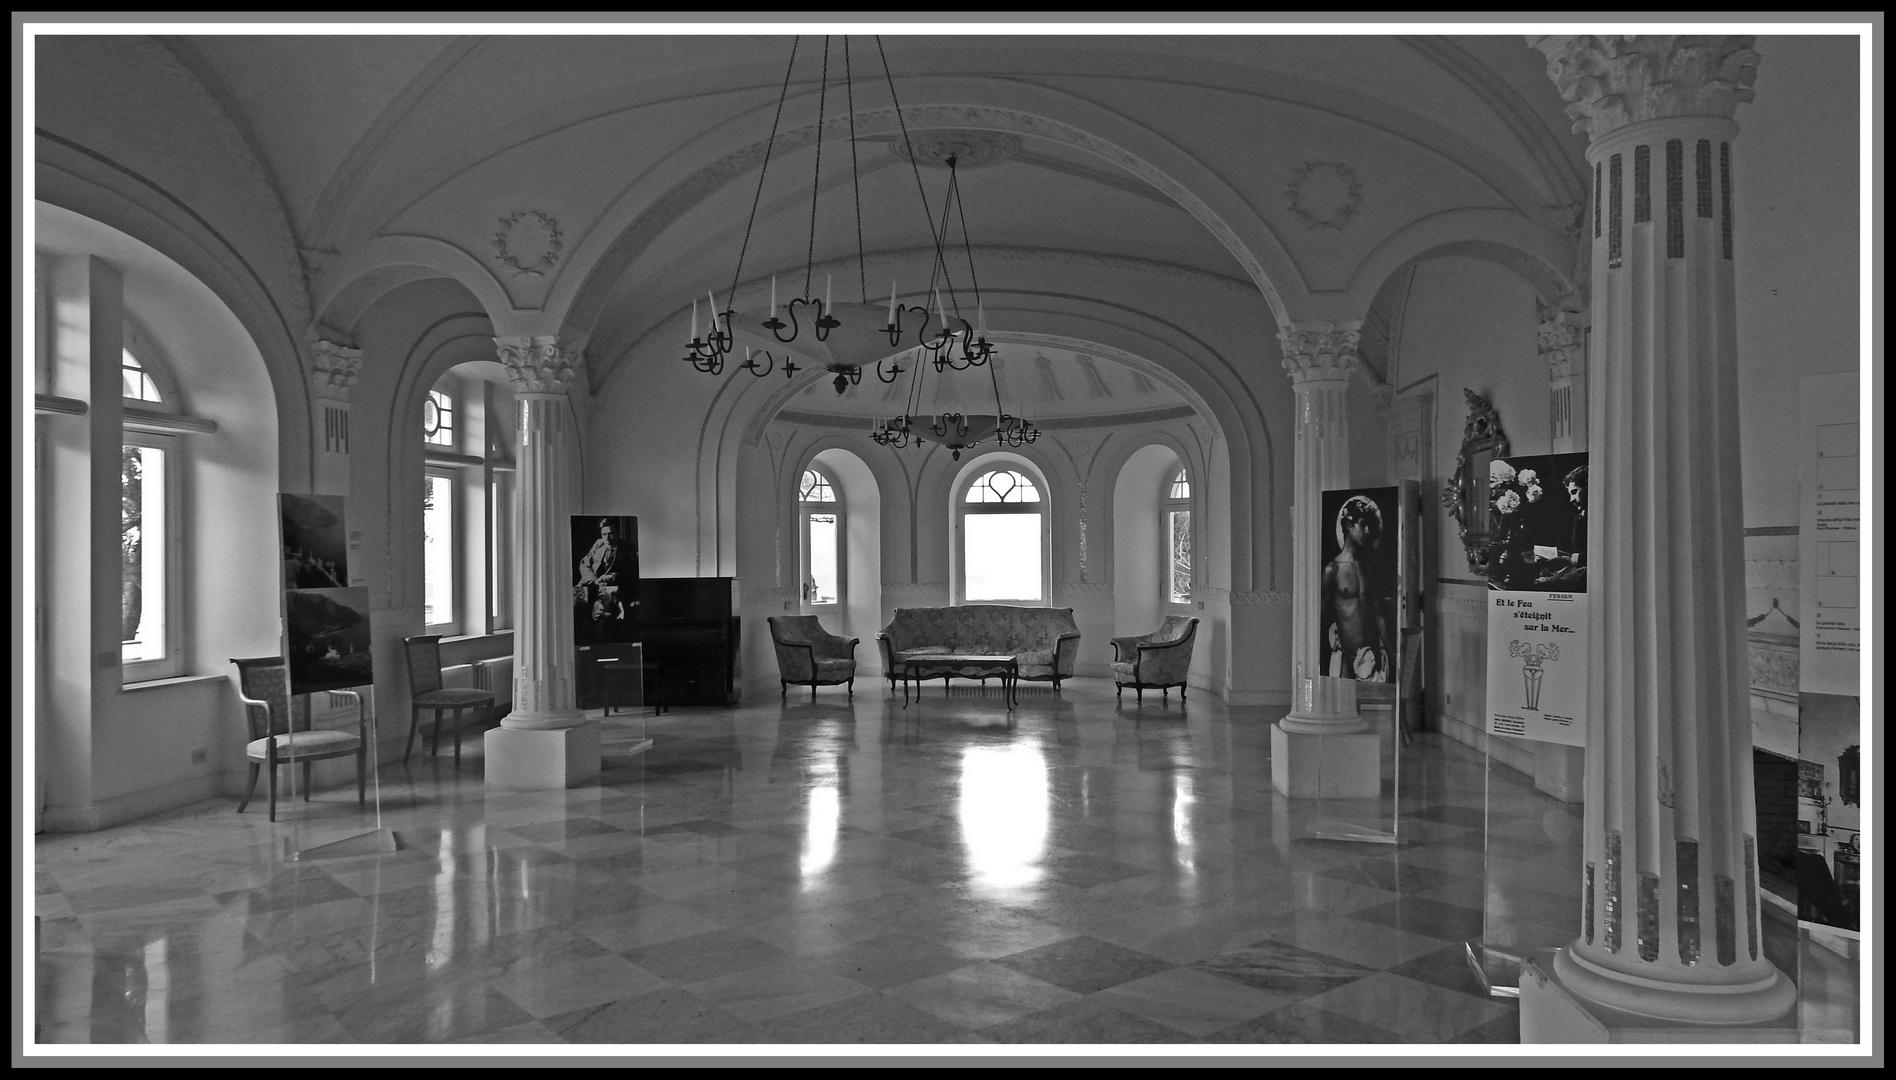 CAPRI - Villa Lysis - Il Salone delle feste - 1905